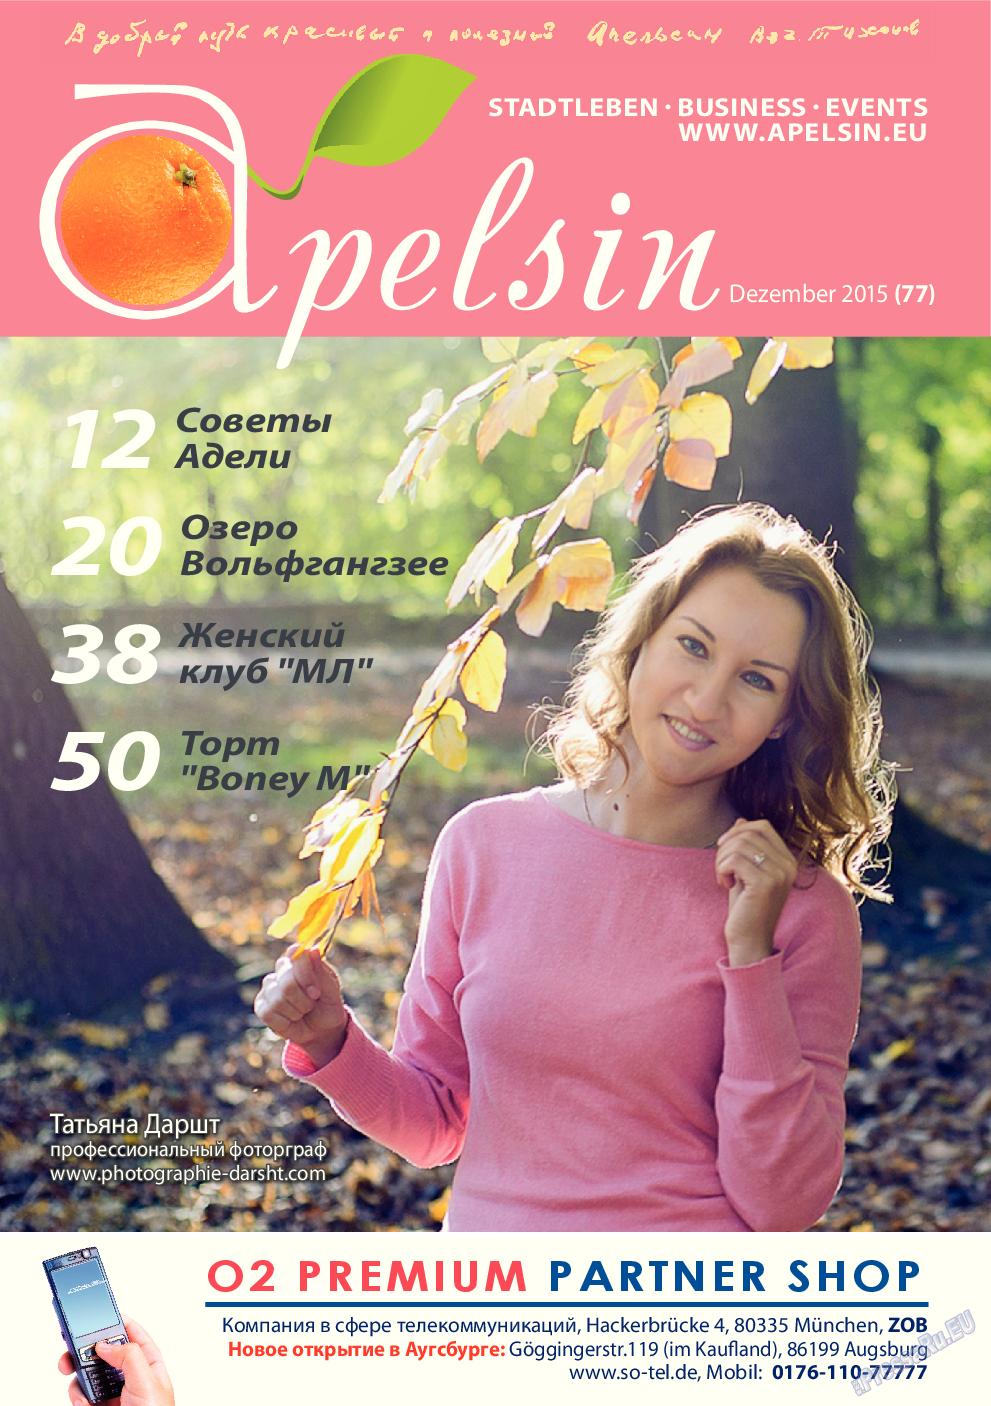 Апельсин (журнал). 2015 год, номер 77, стр. 1